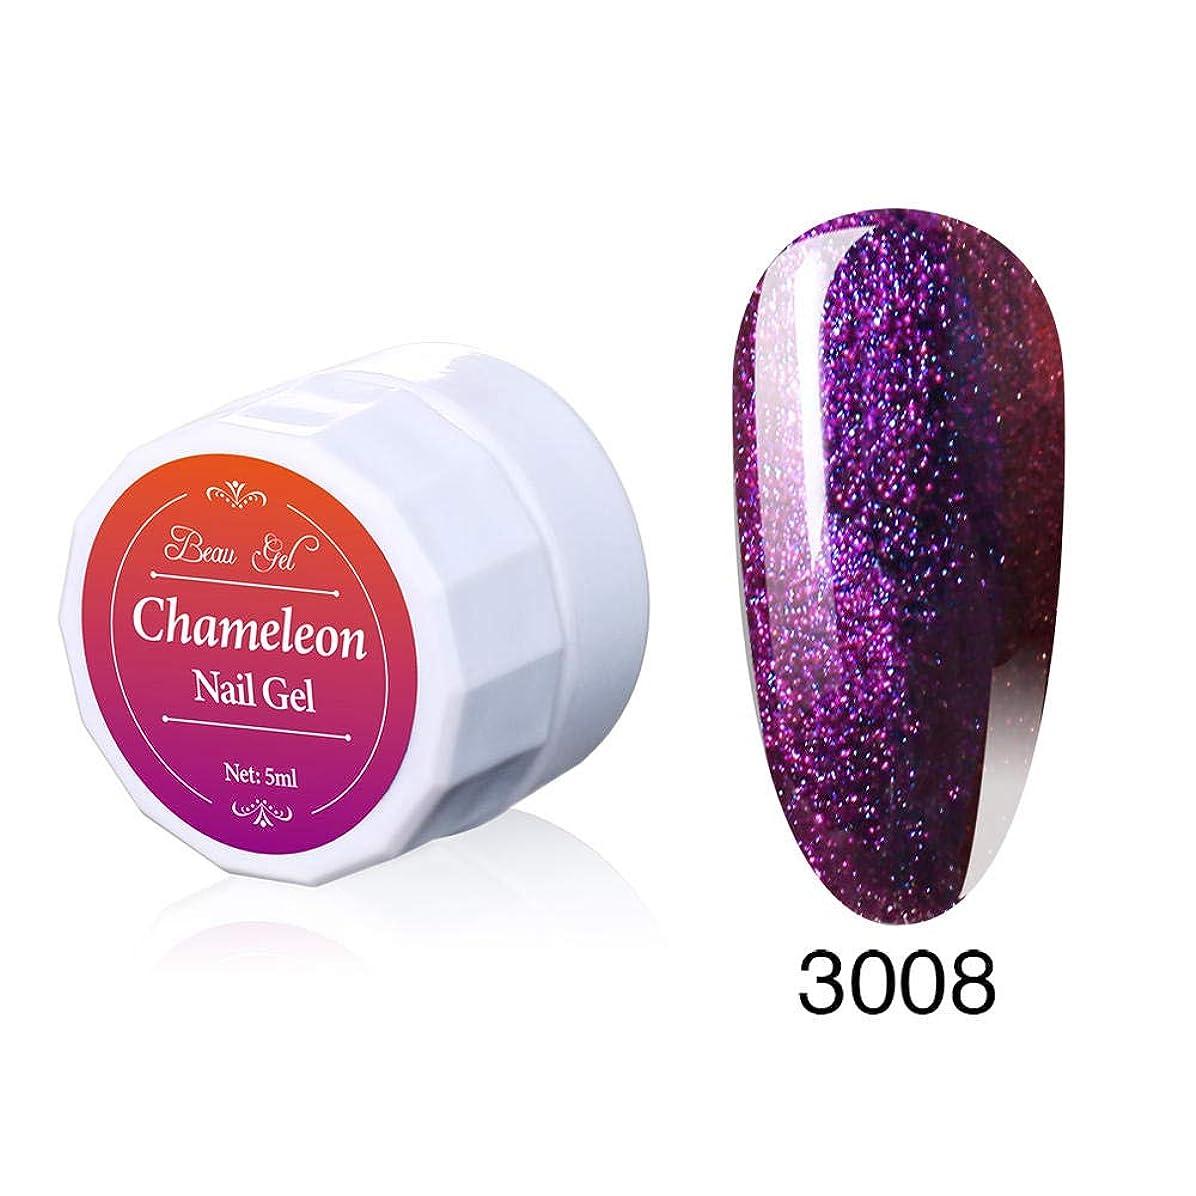 受信機コインランドリー汚染するBeau gel ジェルネイル カラージェル 変色系 1色入り 5ml-3008